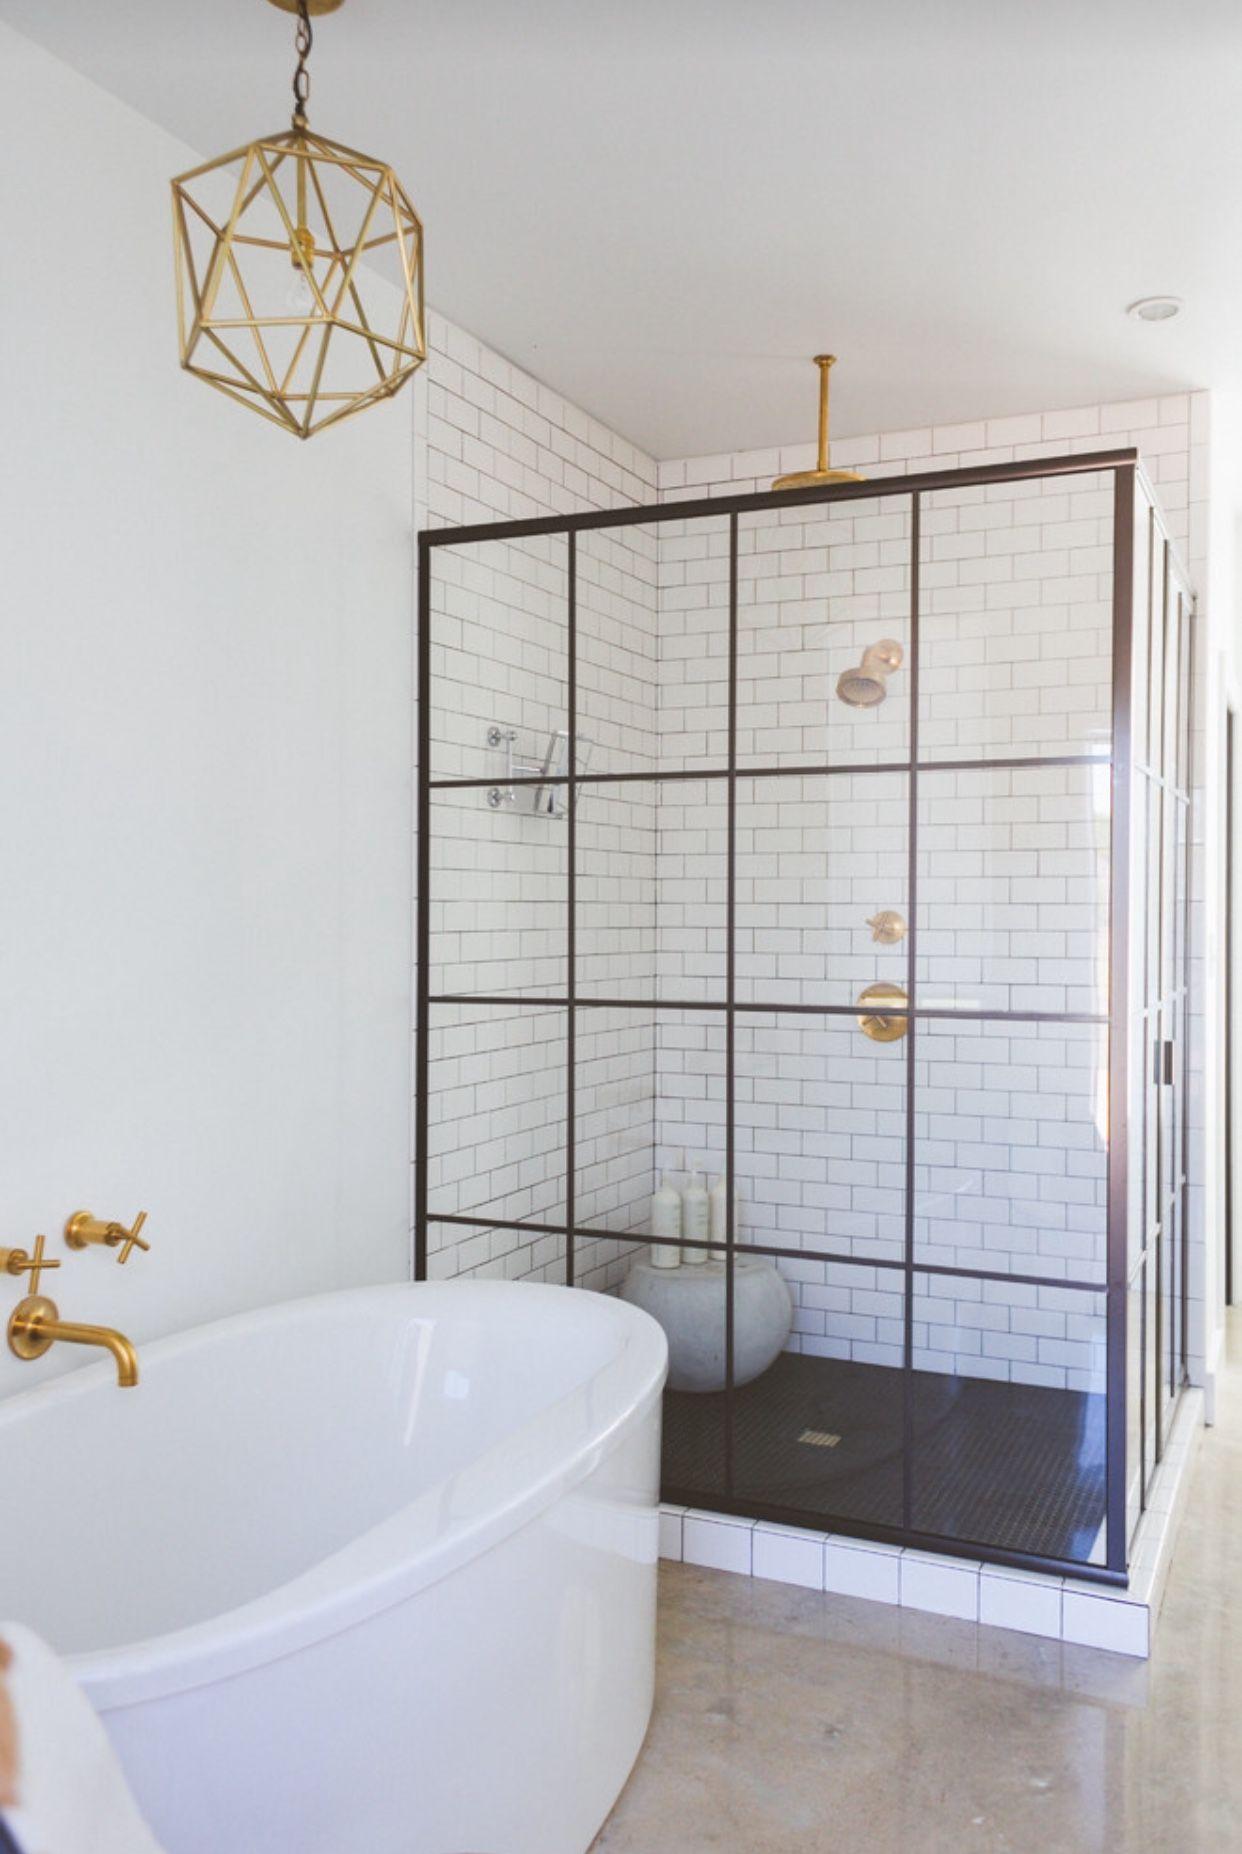 Entspannendes badezimmerdekor pin von jasmin christine auf hausi hausi haus  pinterest  haus und